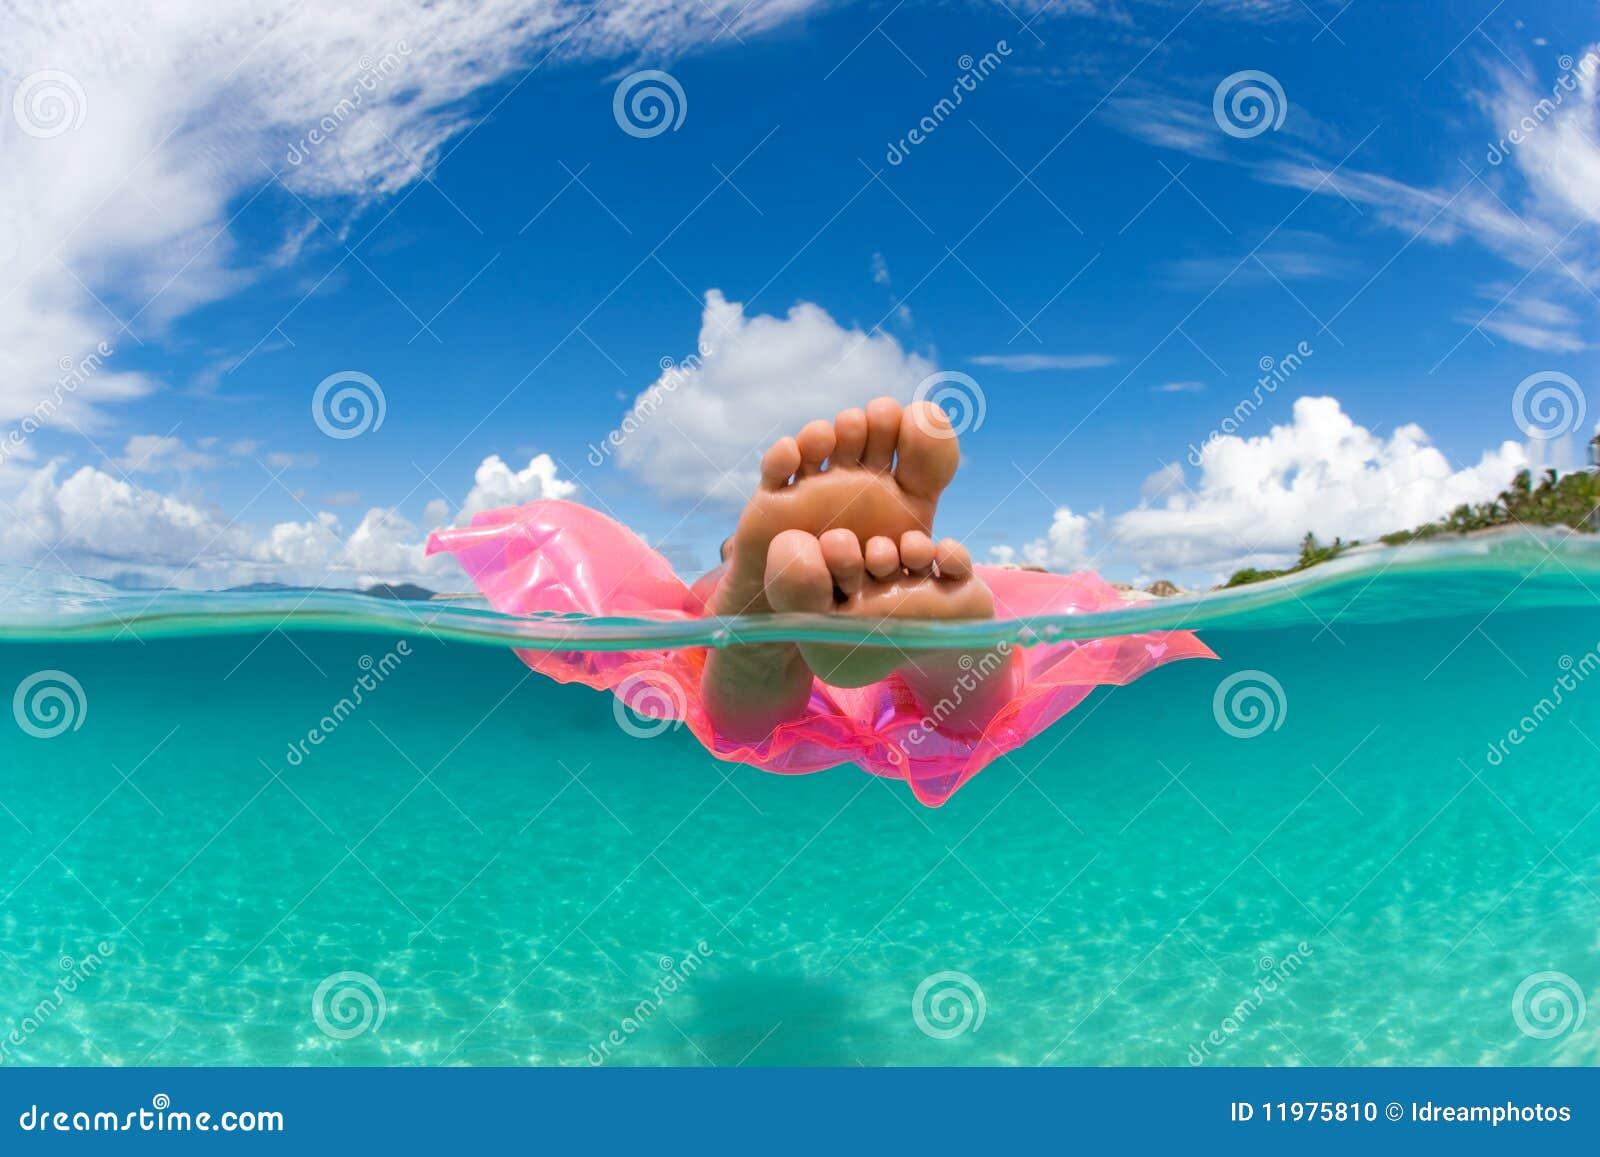 Tropisches Wasser des Frauenherbewegungs-Flosses